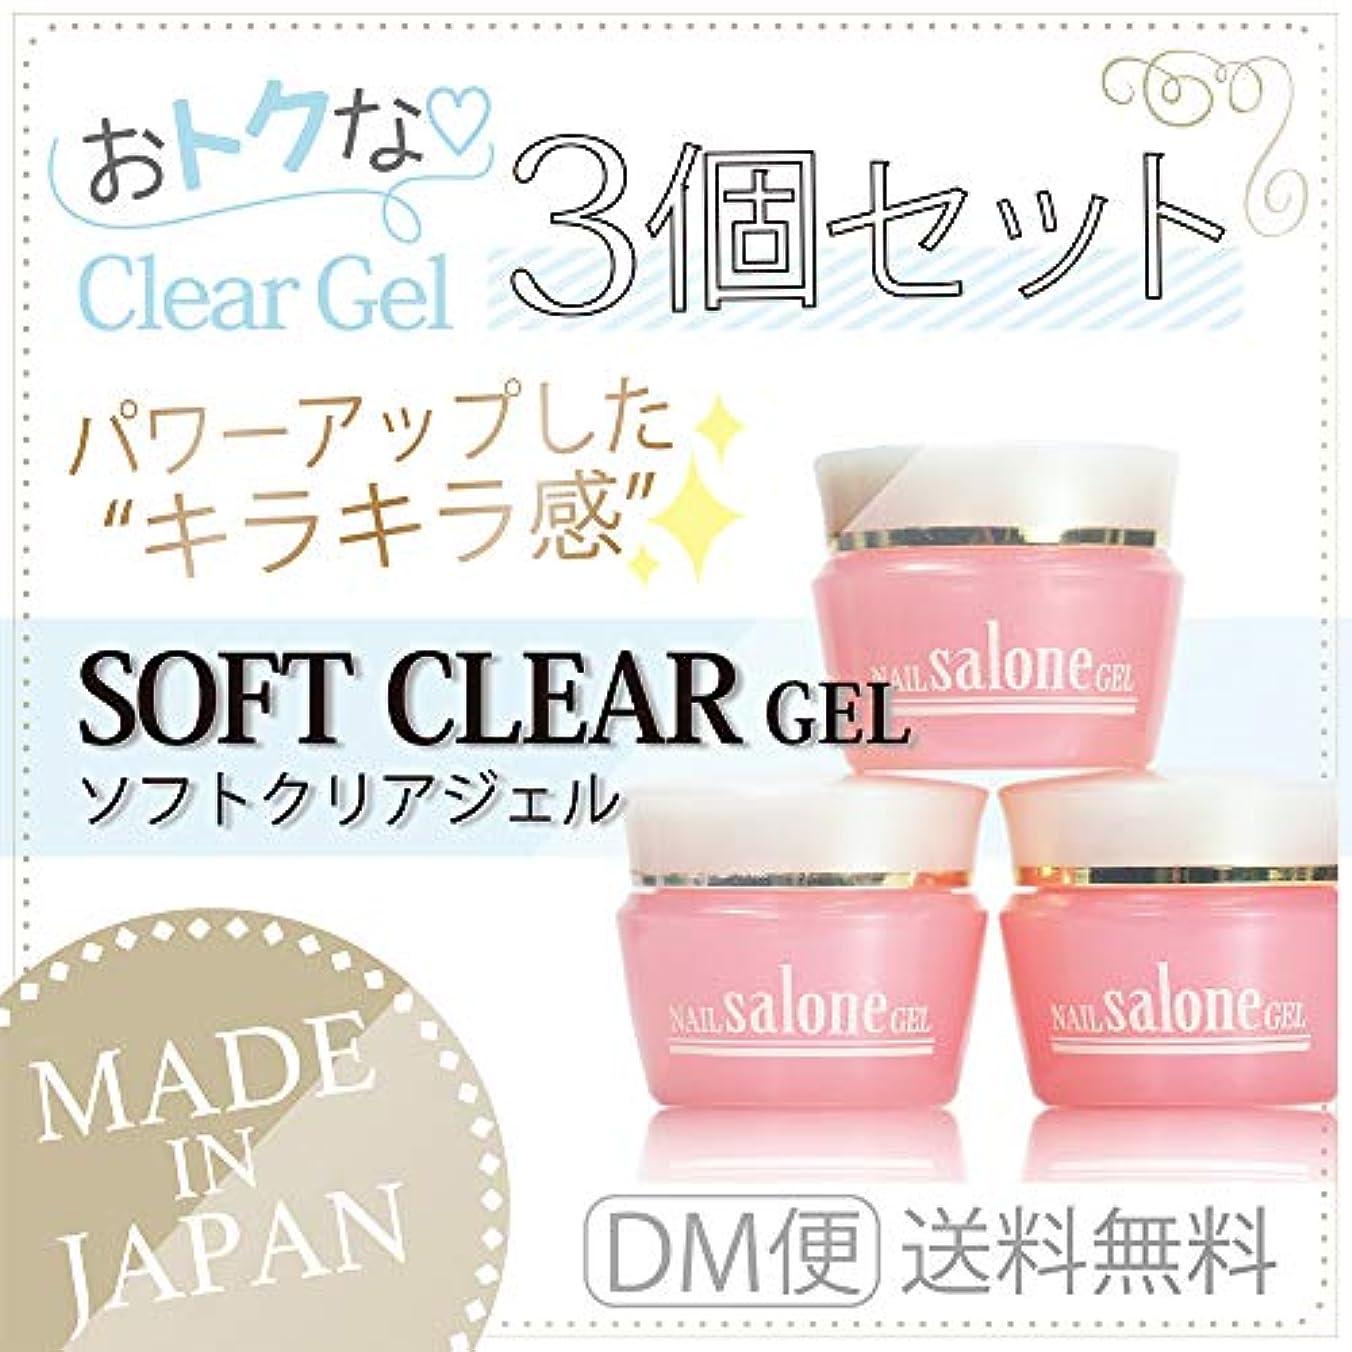 ピアプロトタイプ曲げるSalone gel サローネ ソフトクリアージェル お得な3個セット ツヤツヤ キラキラ感持続 抜群のツヤ 爪に優しい日本製 3g